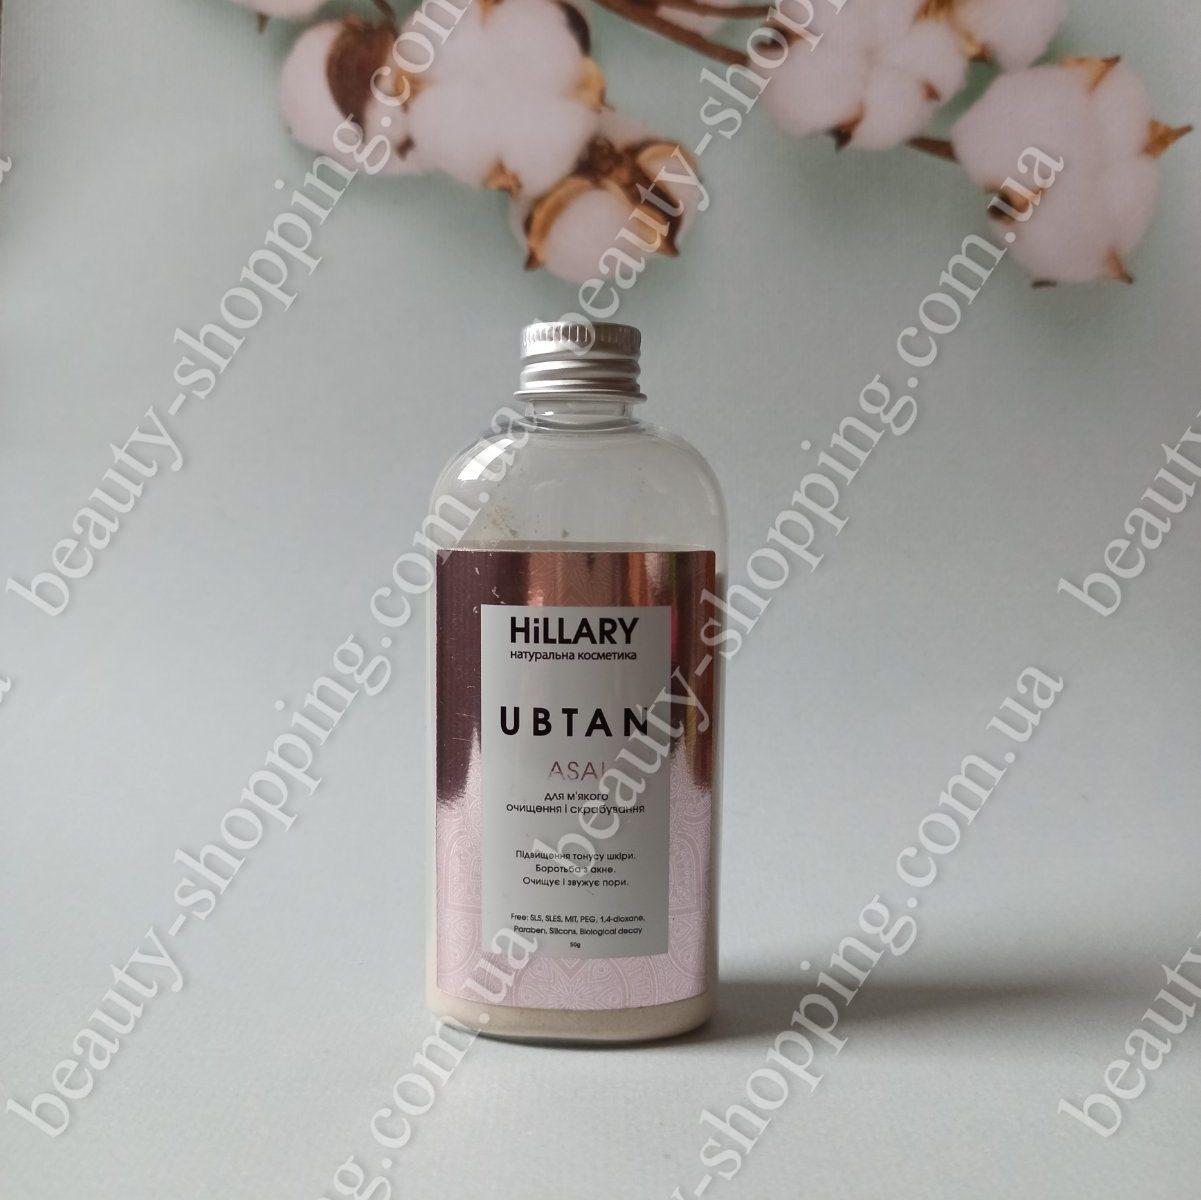 Женская парфюмерия и косметика в интернет-магазине BeautyShop